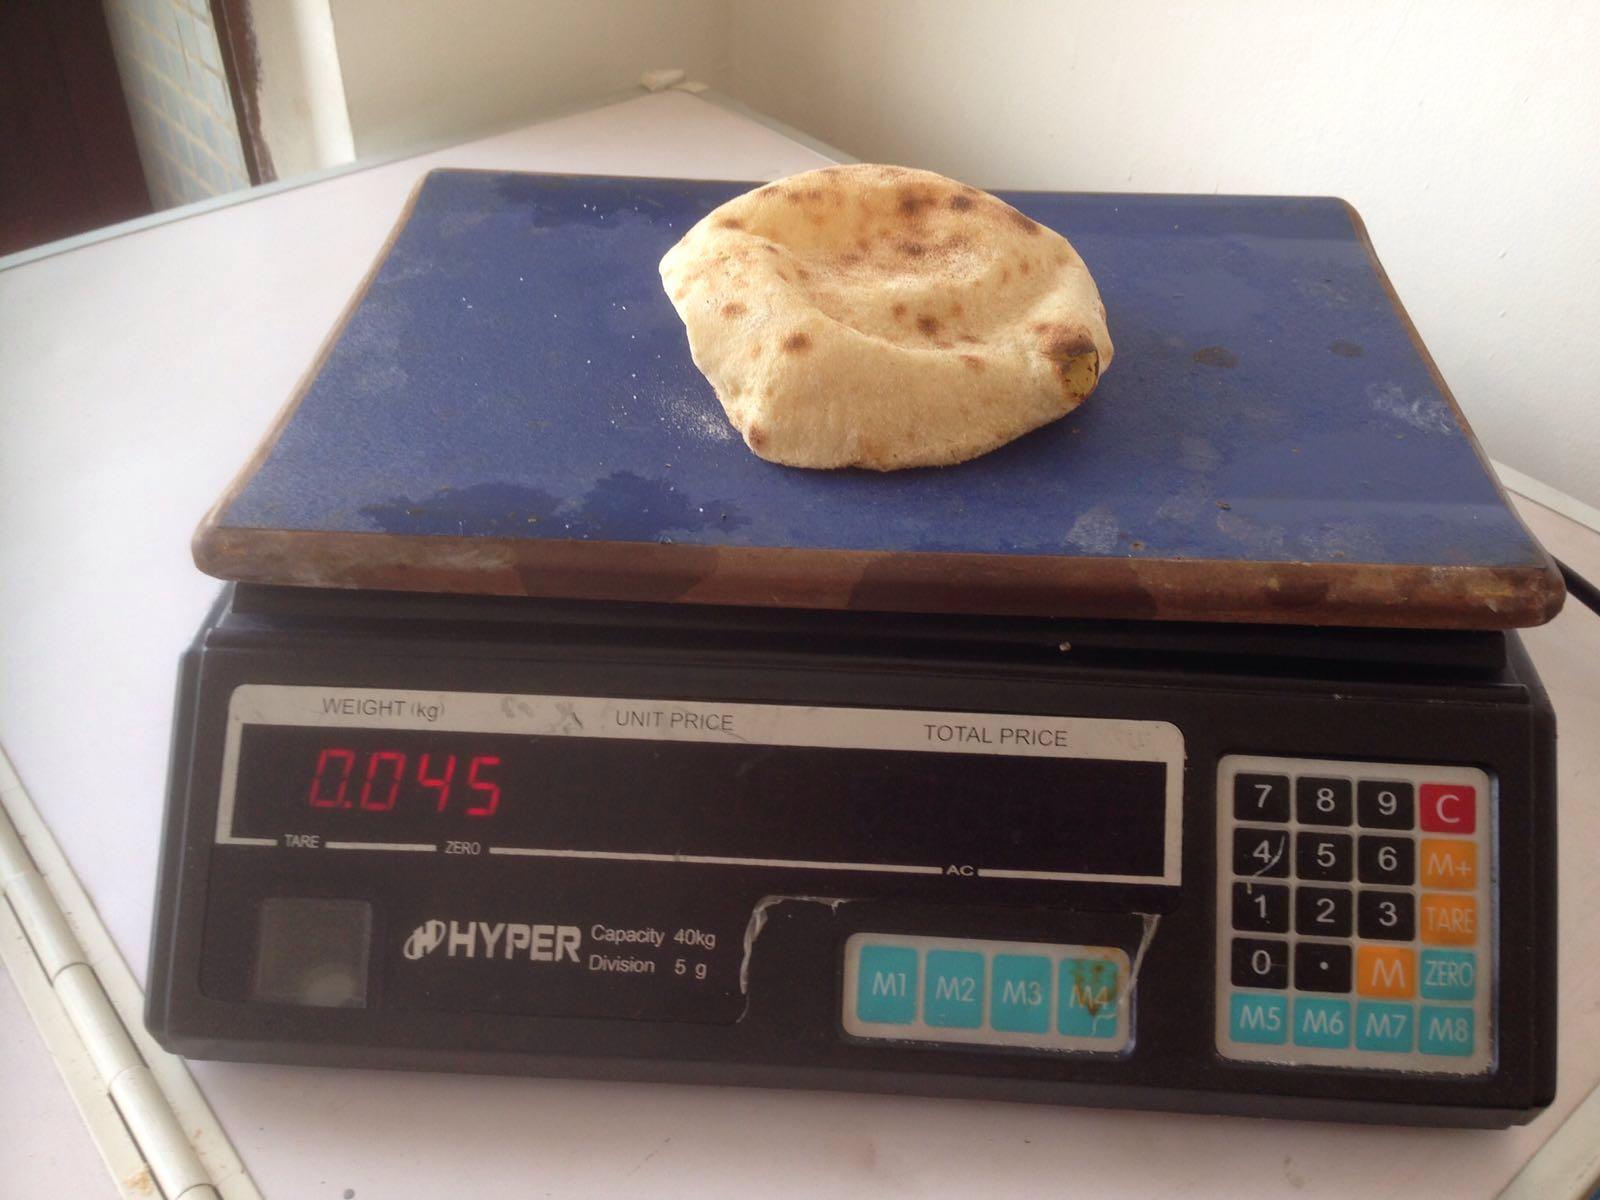 بالصورة.. مواطن يجري تجربة لوزن رغيف الخبز.. ويكتشف إنه 45 جرامًا بدلا من 110